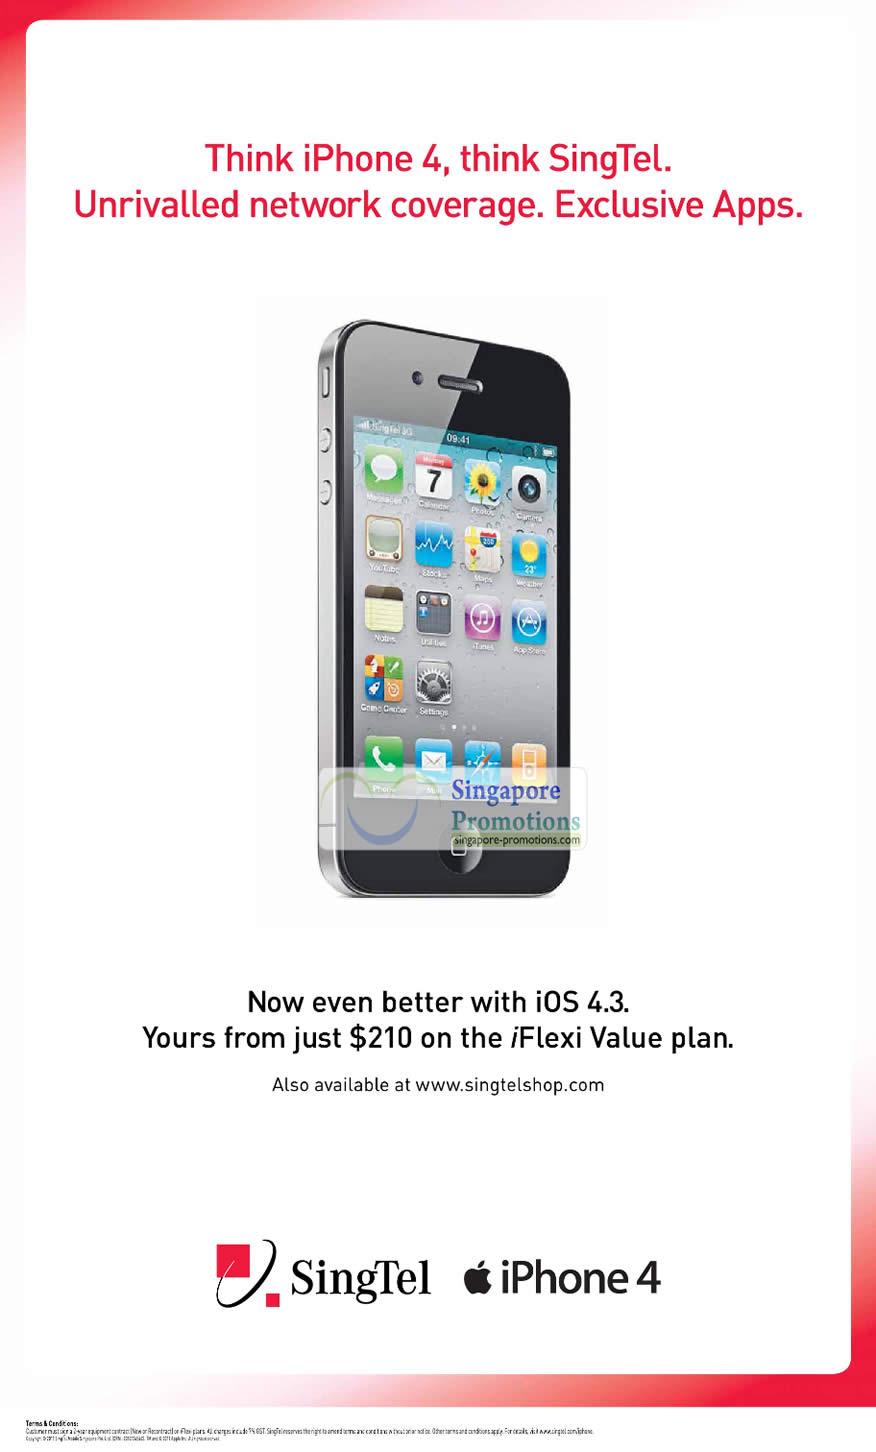 iPhone 4 Singtel iOS 4.3 iFlexi Value